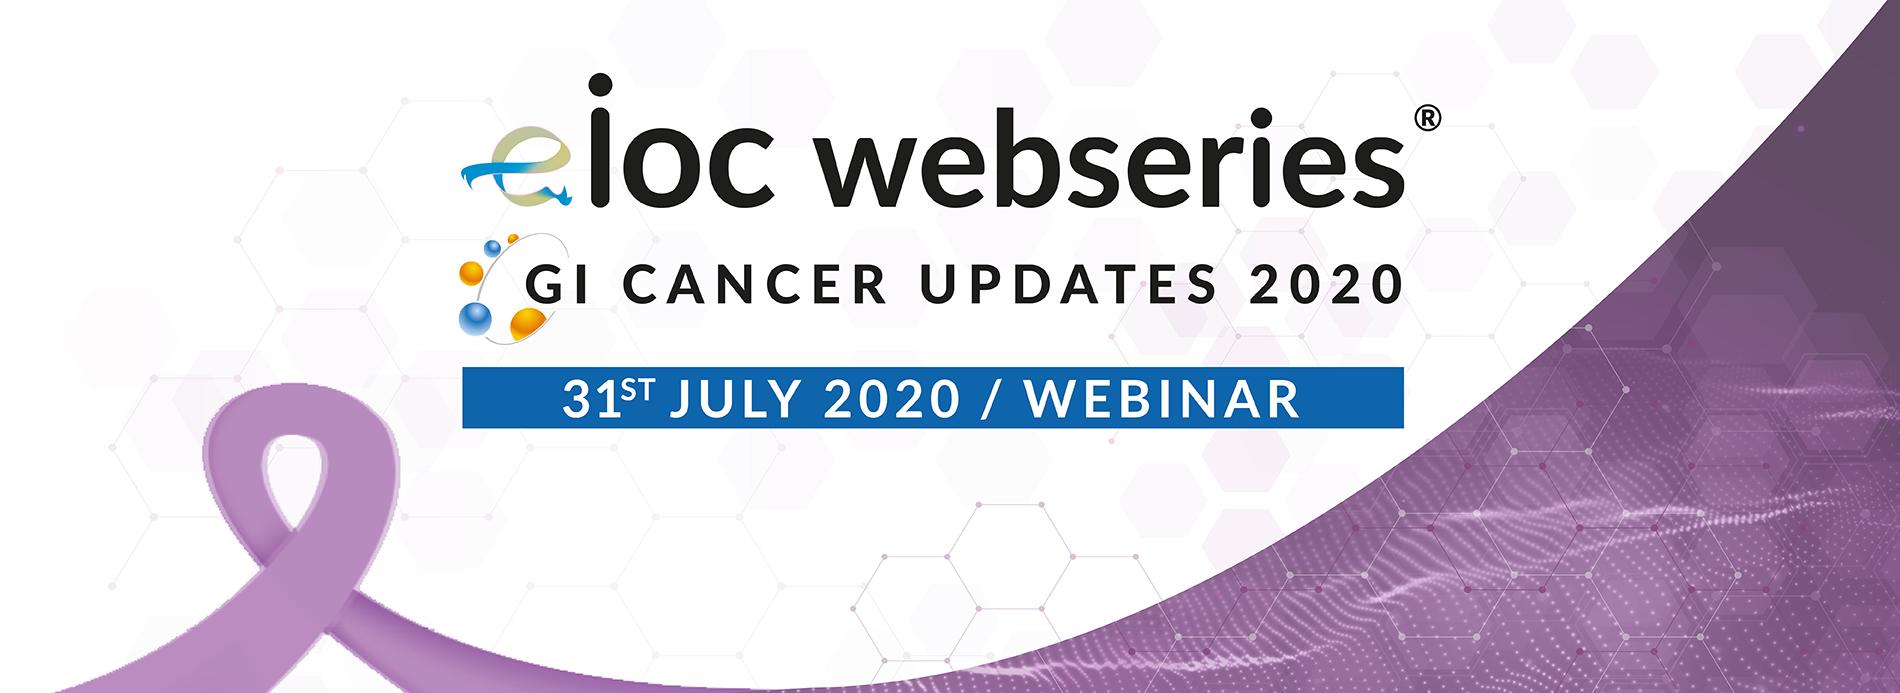 GI Cancer Updates Webinar 2020